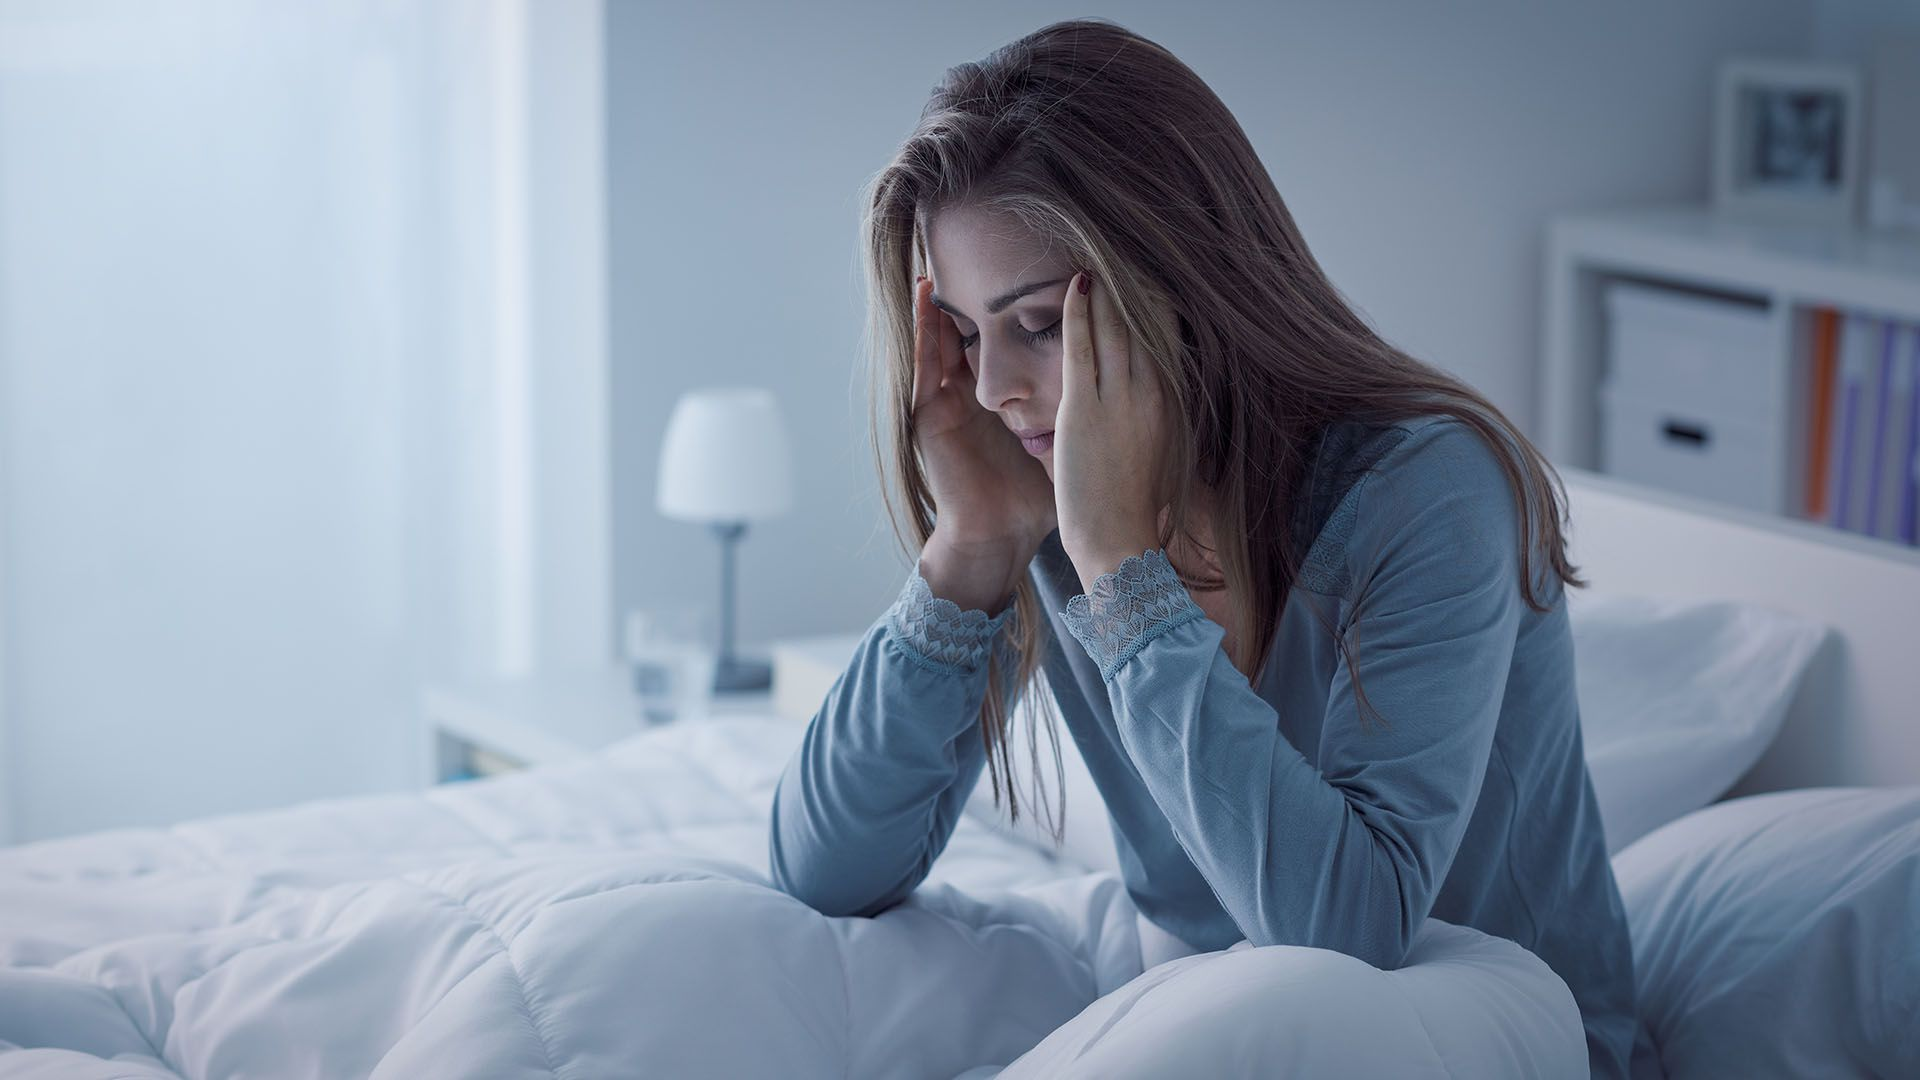 El insomnio se define como la dificultad para iniciar el sueño, para mantenerlo o cuando el sueño resulta no reparador, acompañado de algún tipo de deficiencia durante el día